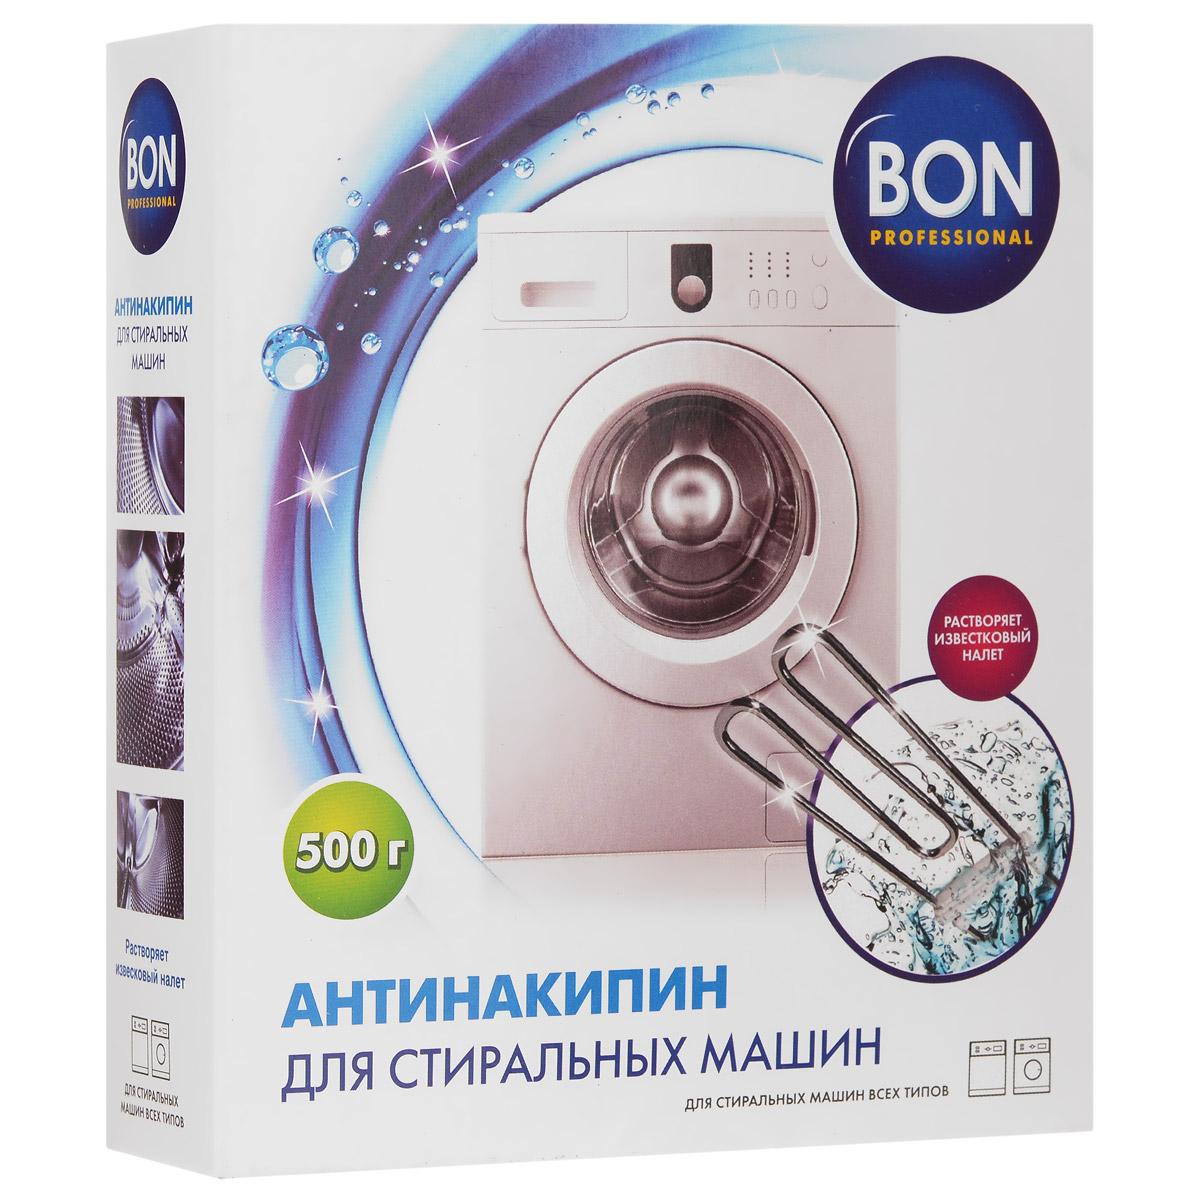 Средство против накипи для стиральных машин Bon, 500 г790009Средство против накипи для стиральных машин Bon существенно снижает жесткость воды, не позволяя солям, естественно в ней содержащимся, скапливаться на тэнах стиральной машины в виде отложений. Накипь, образовываясь на нагревательных элементах, снижает их теплопроводность, увеличивает время нагрева воды, а значит, и затраты электроэнергии на каждый цикл стирки. Со временем сильные известковые отложения приводят к поломке бытовой техники. Антинакипин не просто нейтрализует соли жесткости и моментально смягчает воду, но и способен при постоянном применении растворить уже существующий известковый налет, тем самым улучшая работу машины и продлевая срок ее службы. Средство экономично: гранулированный порошок долго растворяется, нейтрализуя соли в течение всего цикла стирки. В районах с жесткой водой использование антинакипина обязательно. Подходит для всех стиральных машин. Состав: карбонат натрия, триполифосфат. Товар сертифицирован.